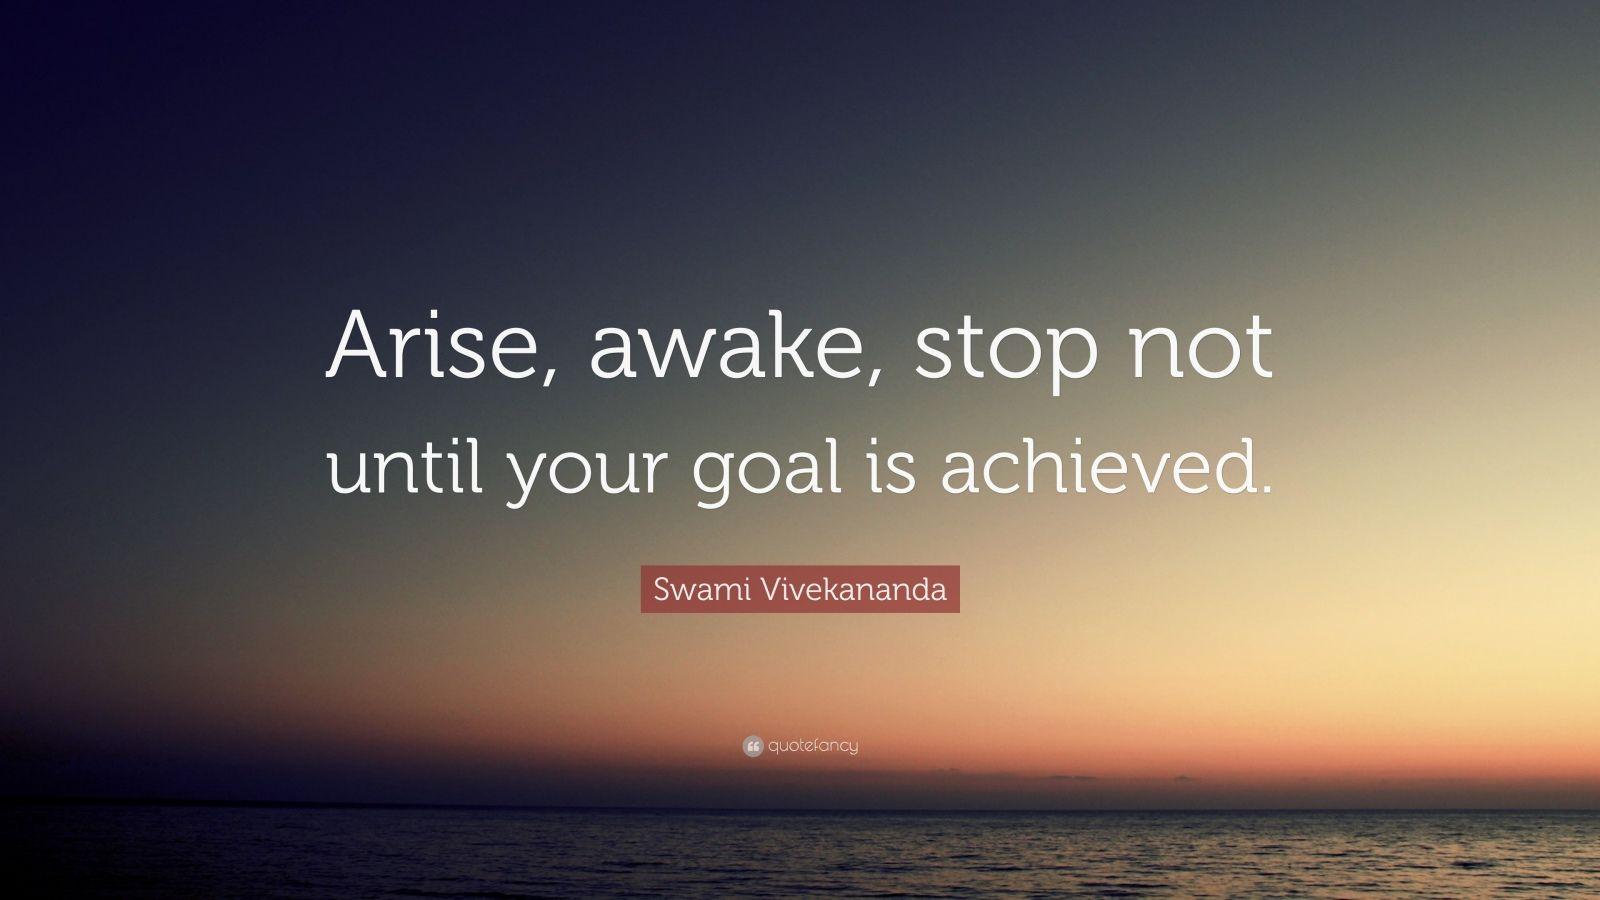 Zen Quote Wallpapers Swami Vivekananda Quote Arise Awake Stop Not Until